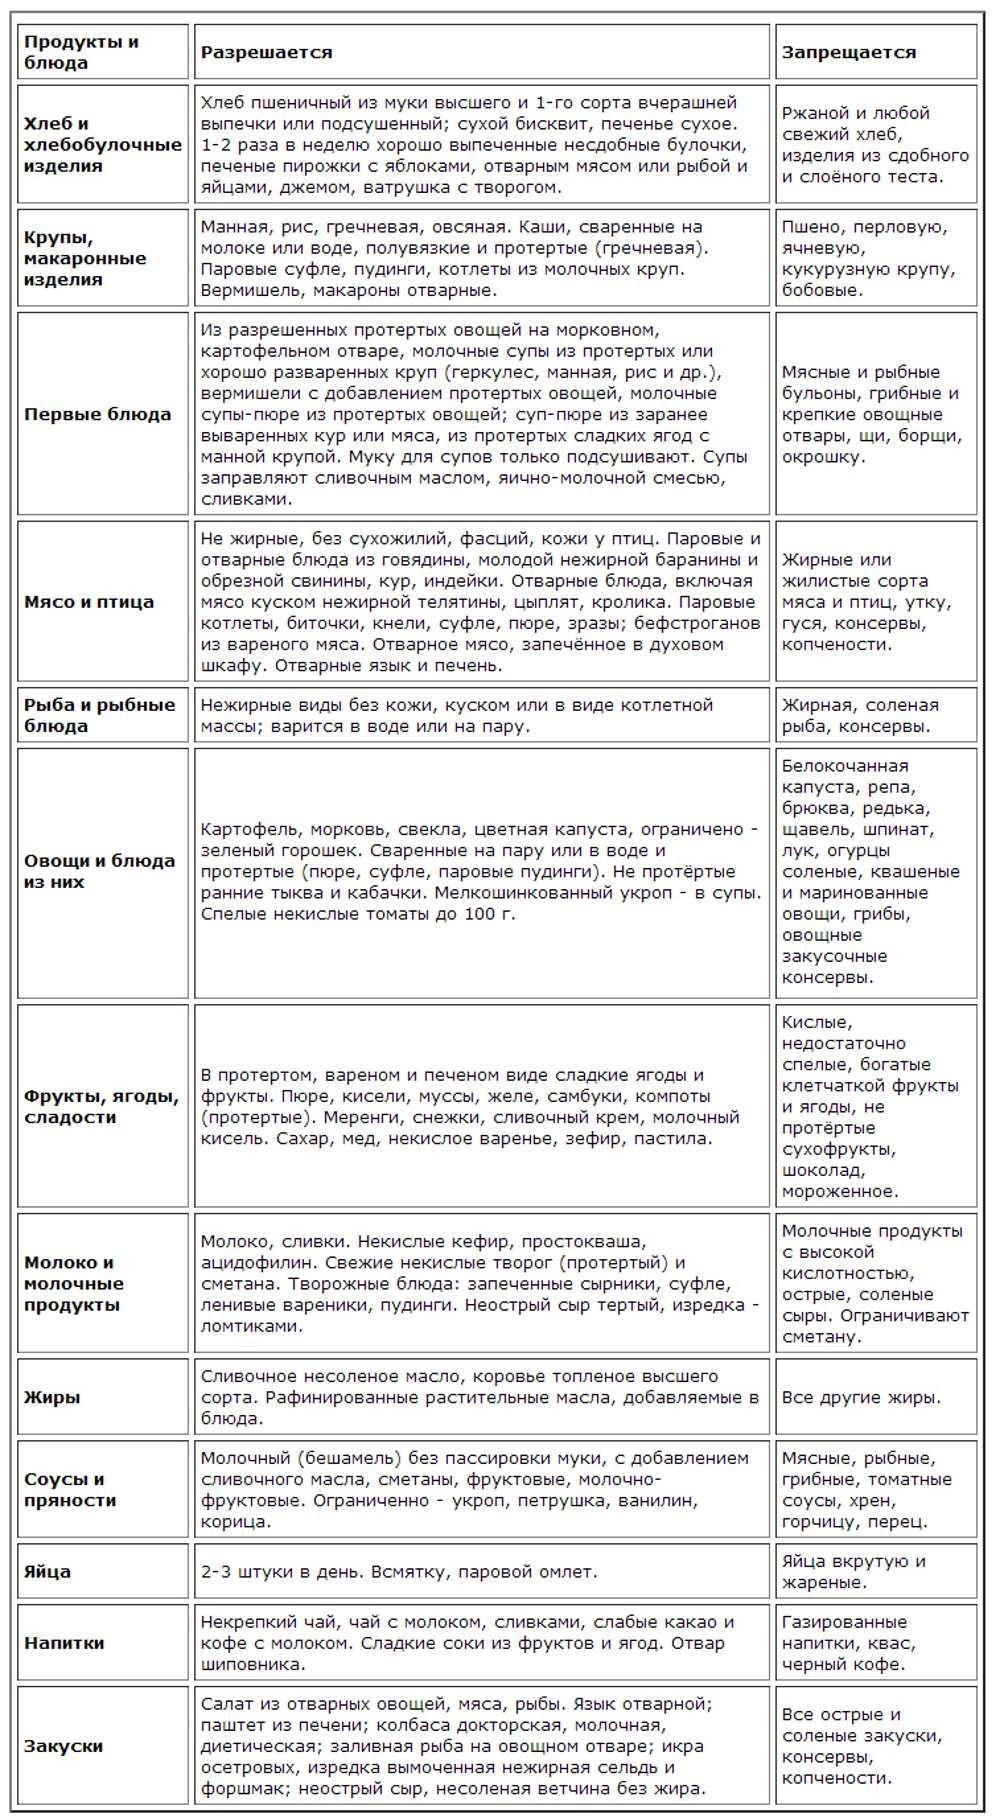 klinicheskiy-diagnoz-i-obosnovanie-ego-pri-psoriaze